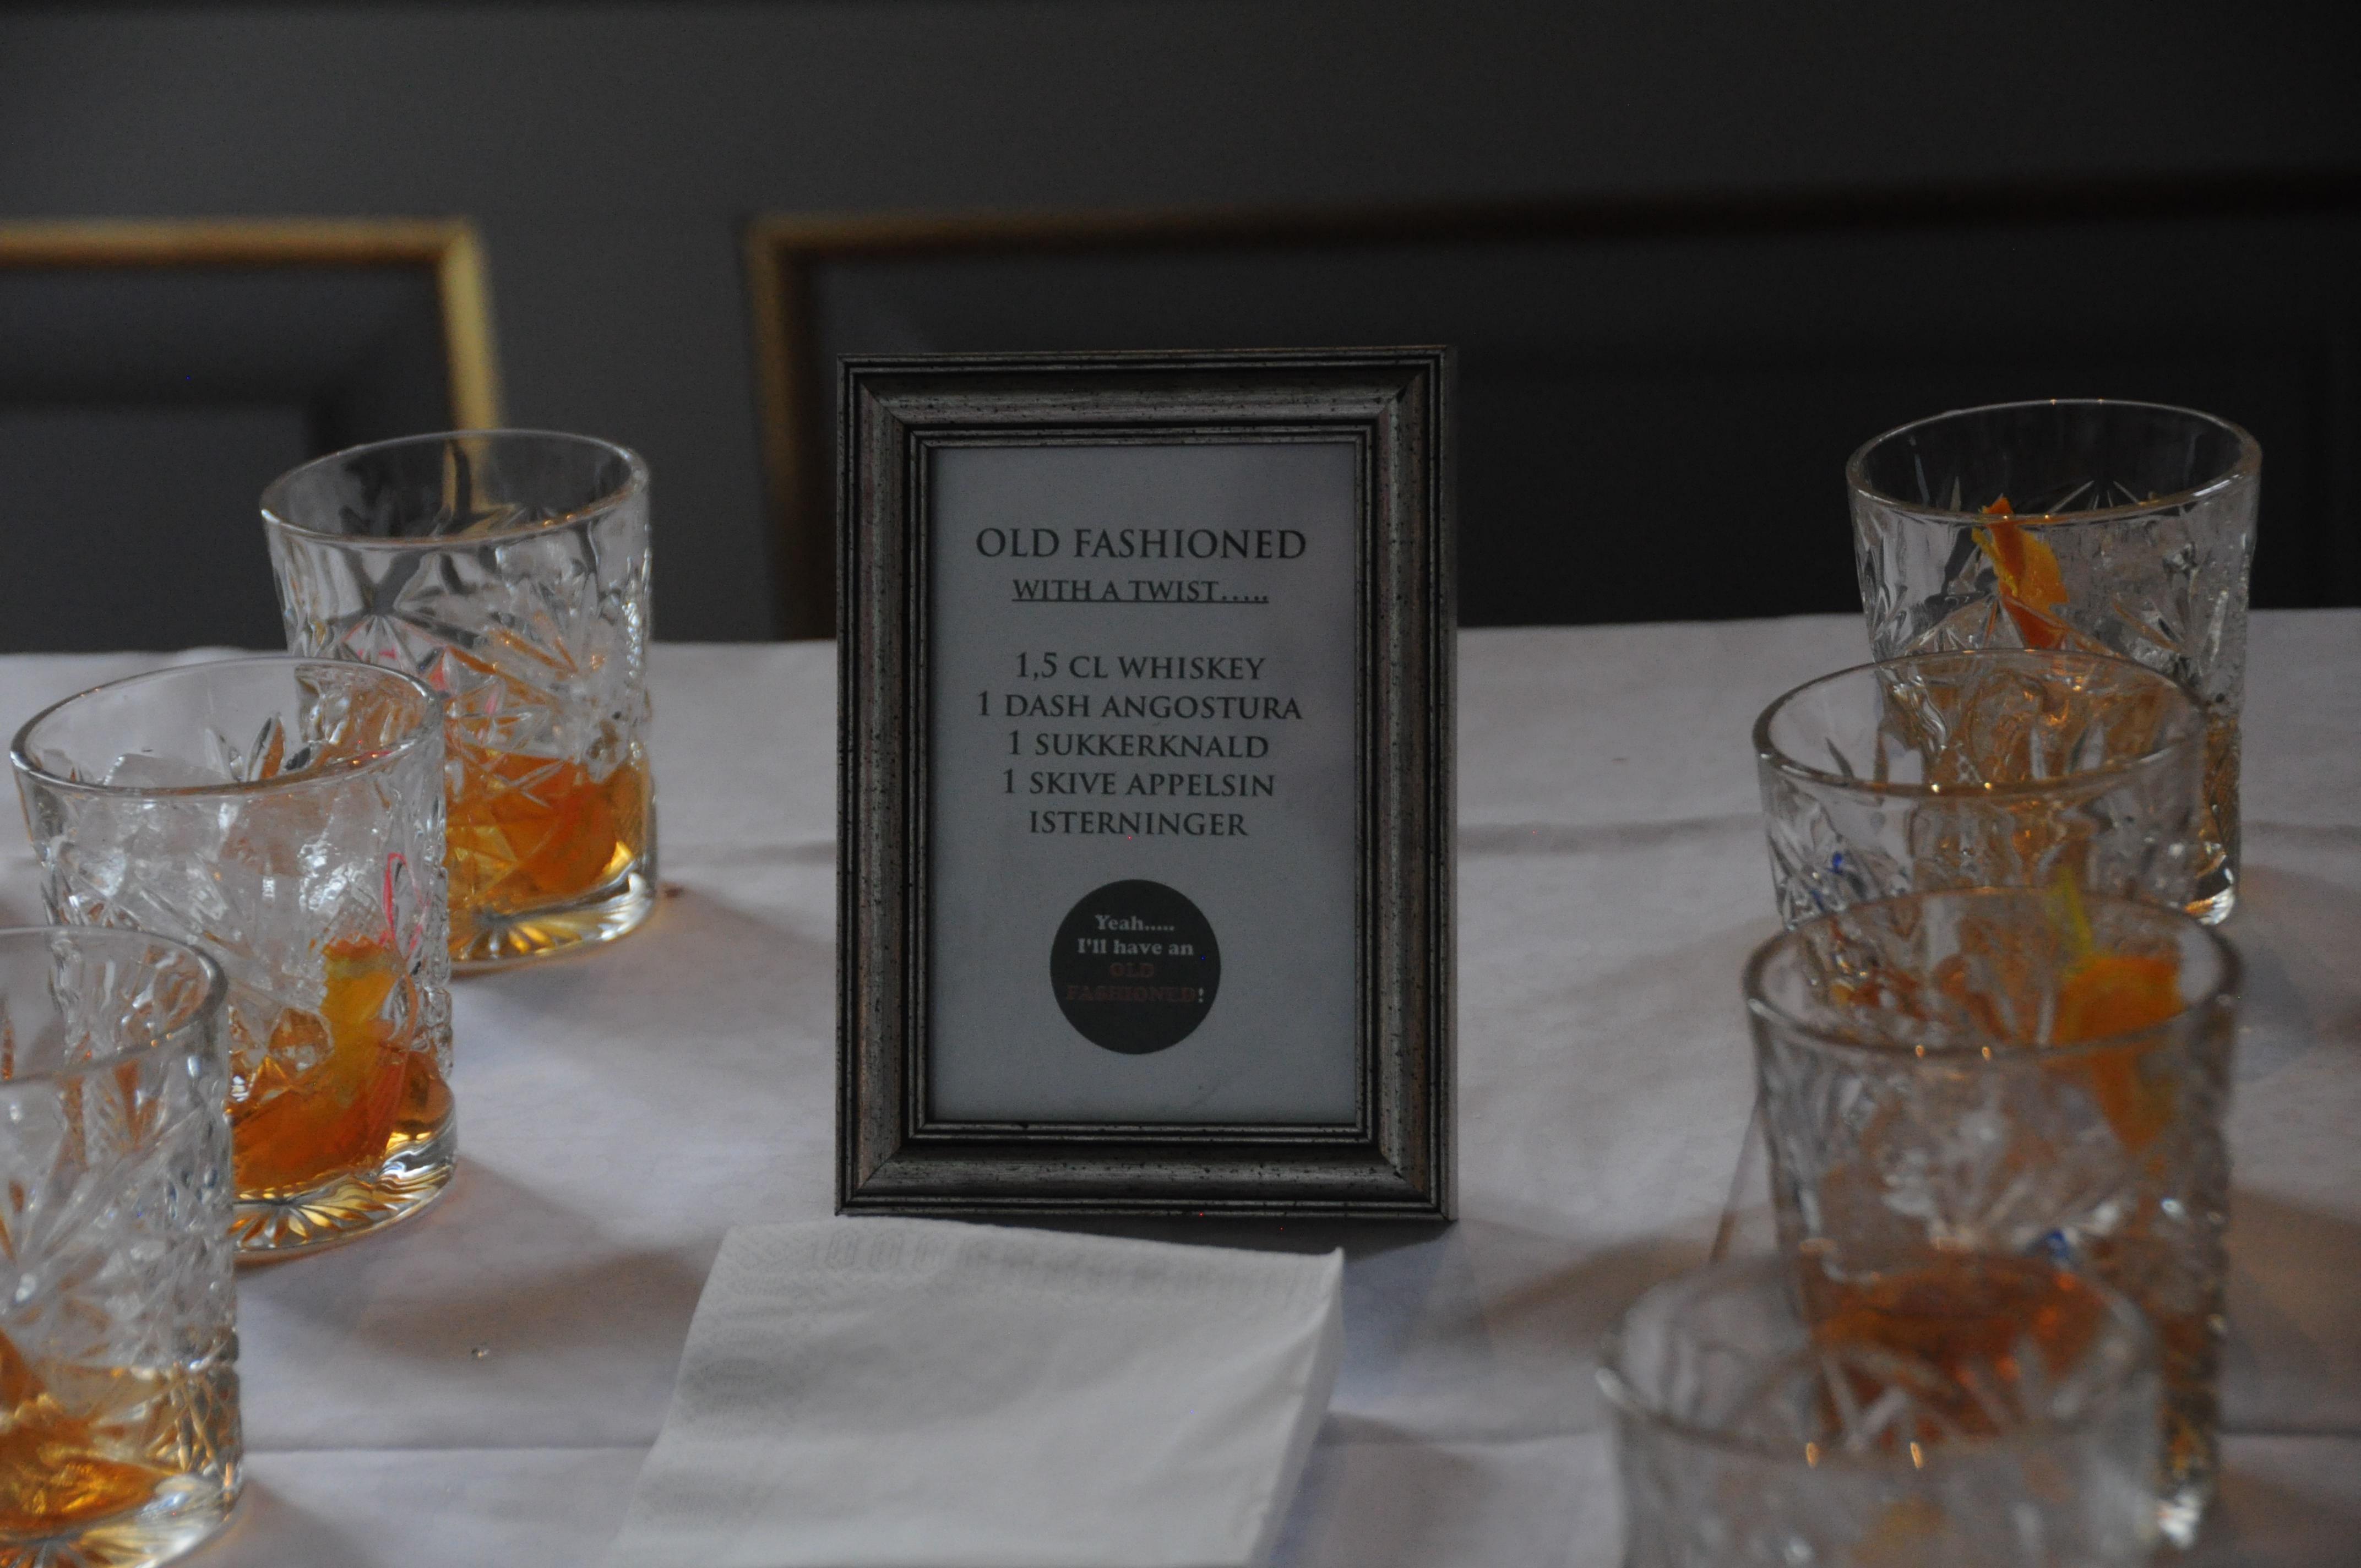 Opskrift på Old Fashioned